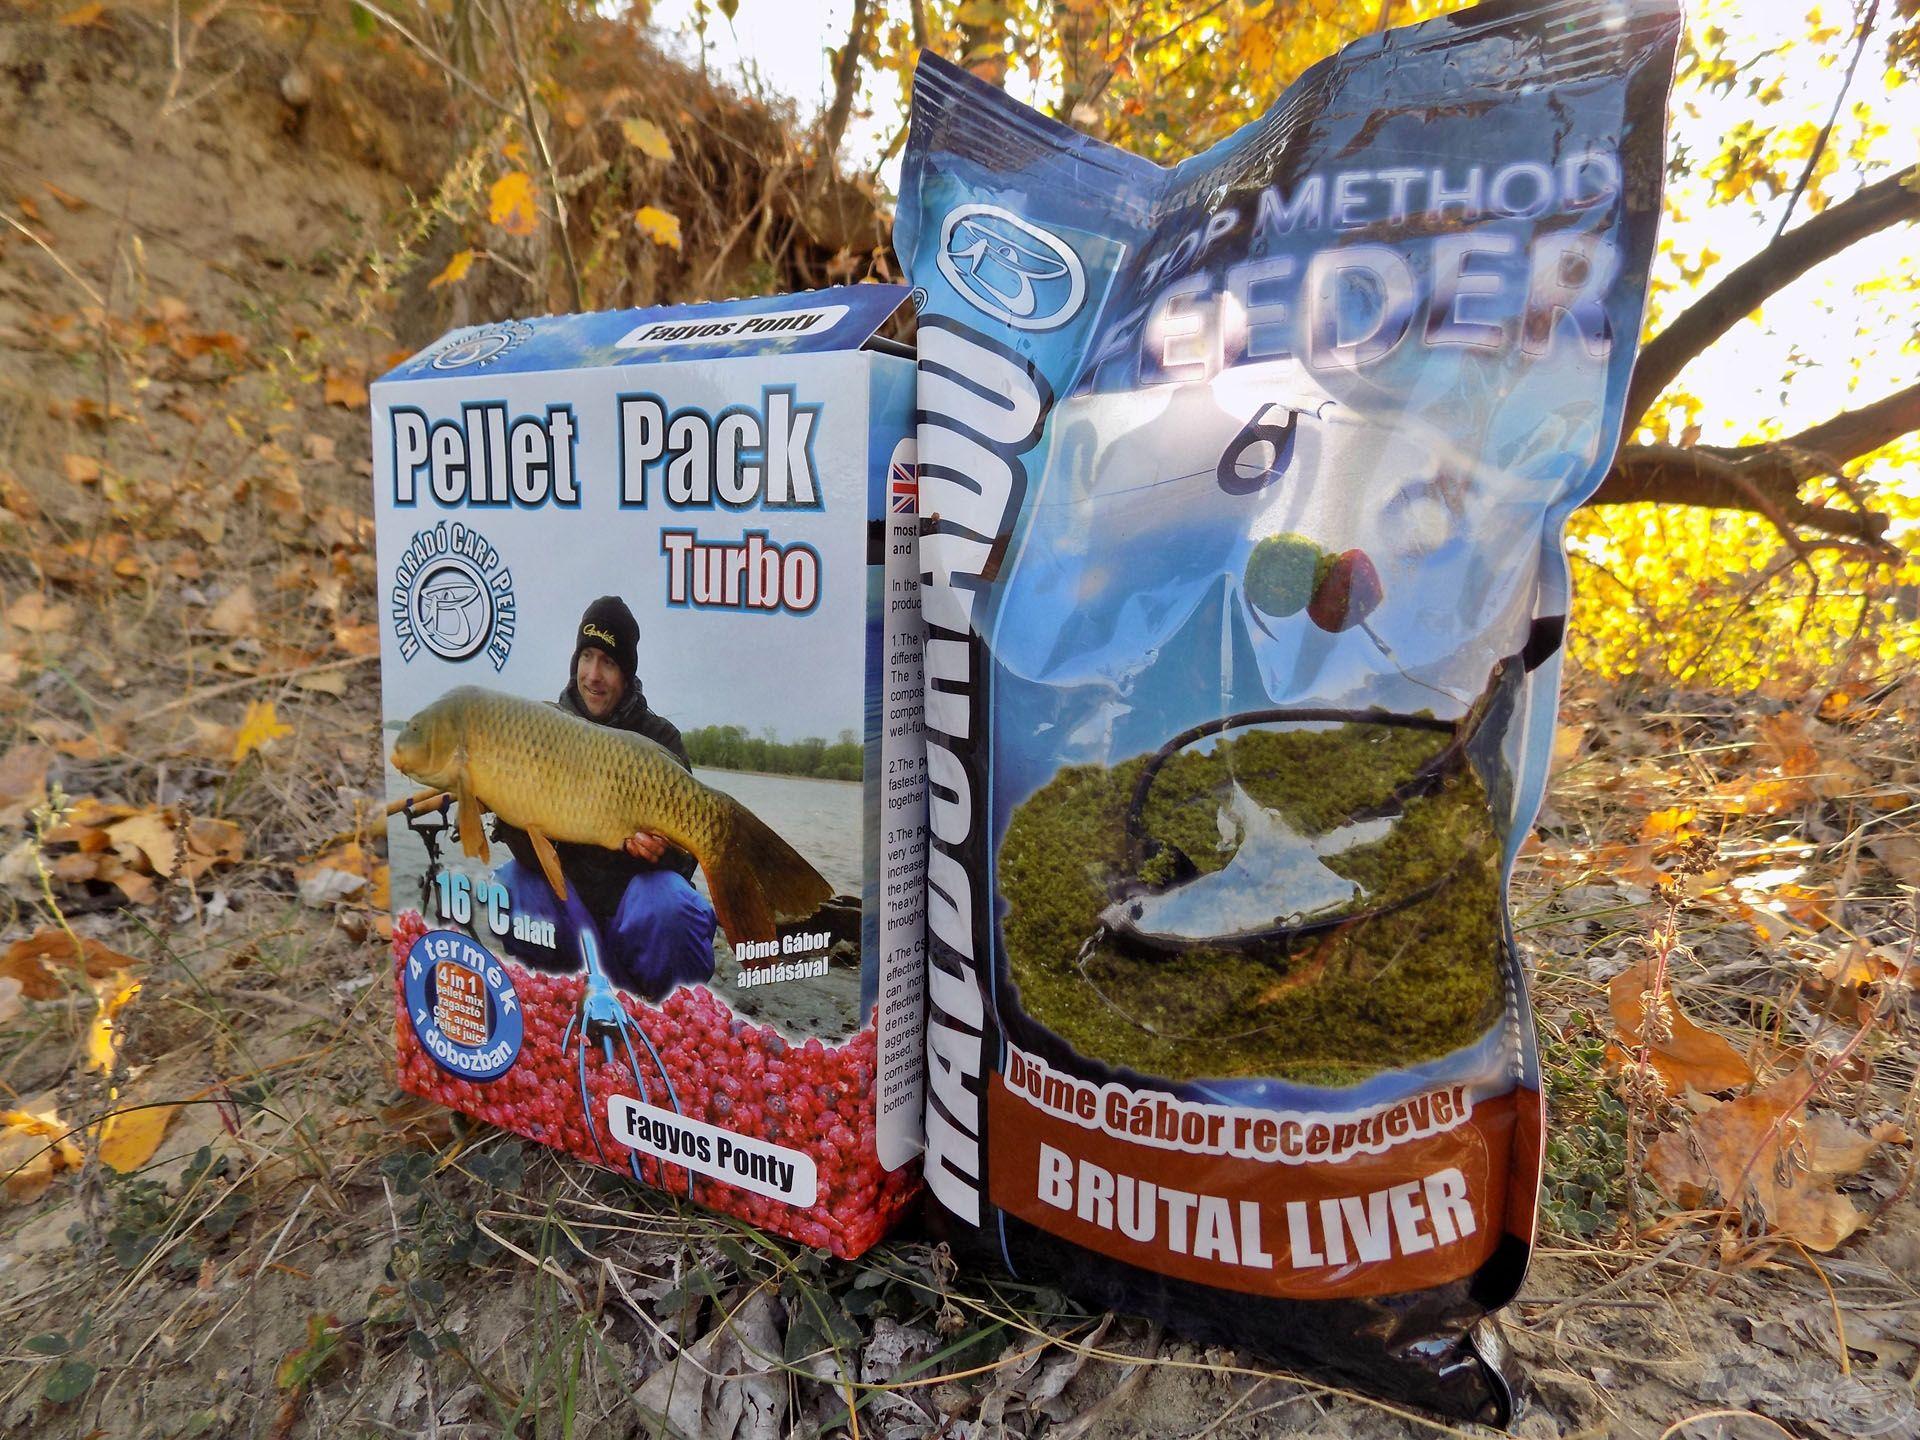 Haldorádó Pellet Pack Turbo - Fagyos Ponty és Haldorádó TMF - Brutal Liver. Biztosra vettem, hogy nem érhet meglepetés, ha e két nagyhal-csemegének szavazok bizalmat ezen a horgászaton